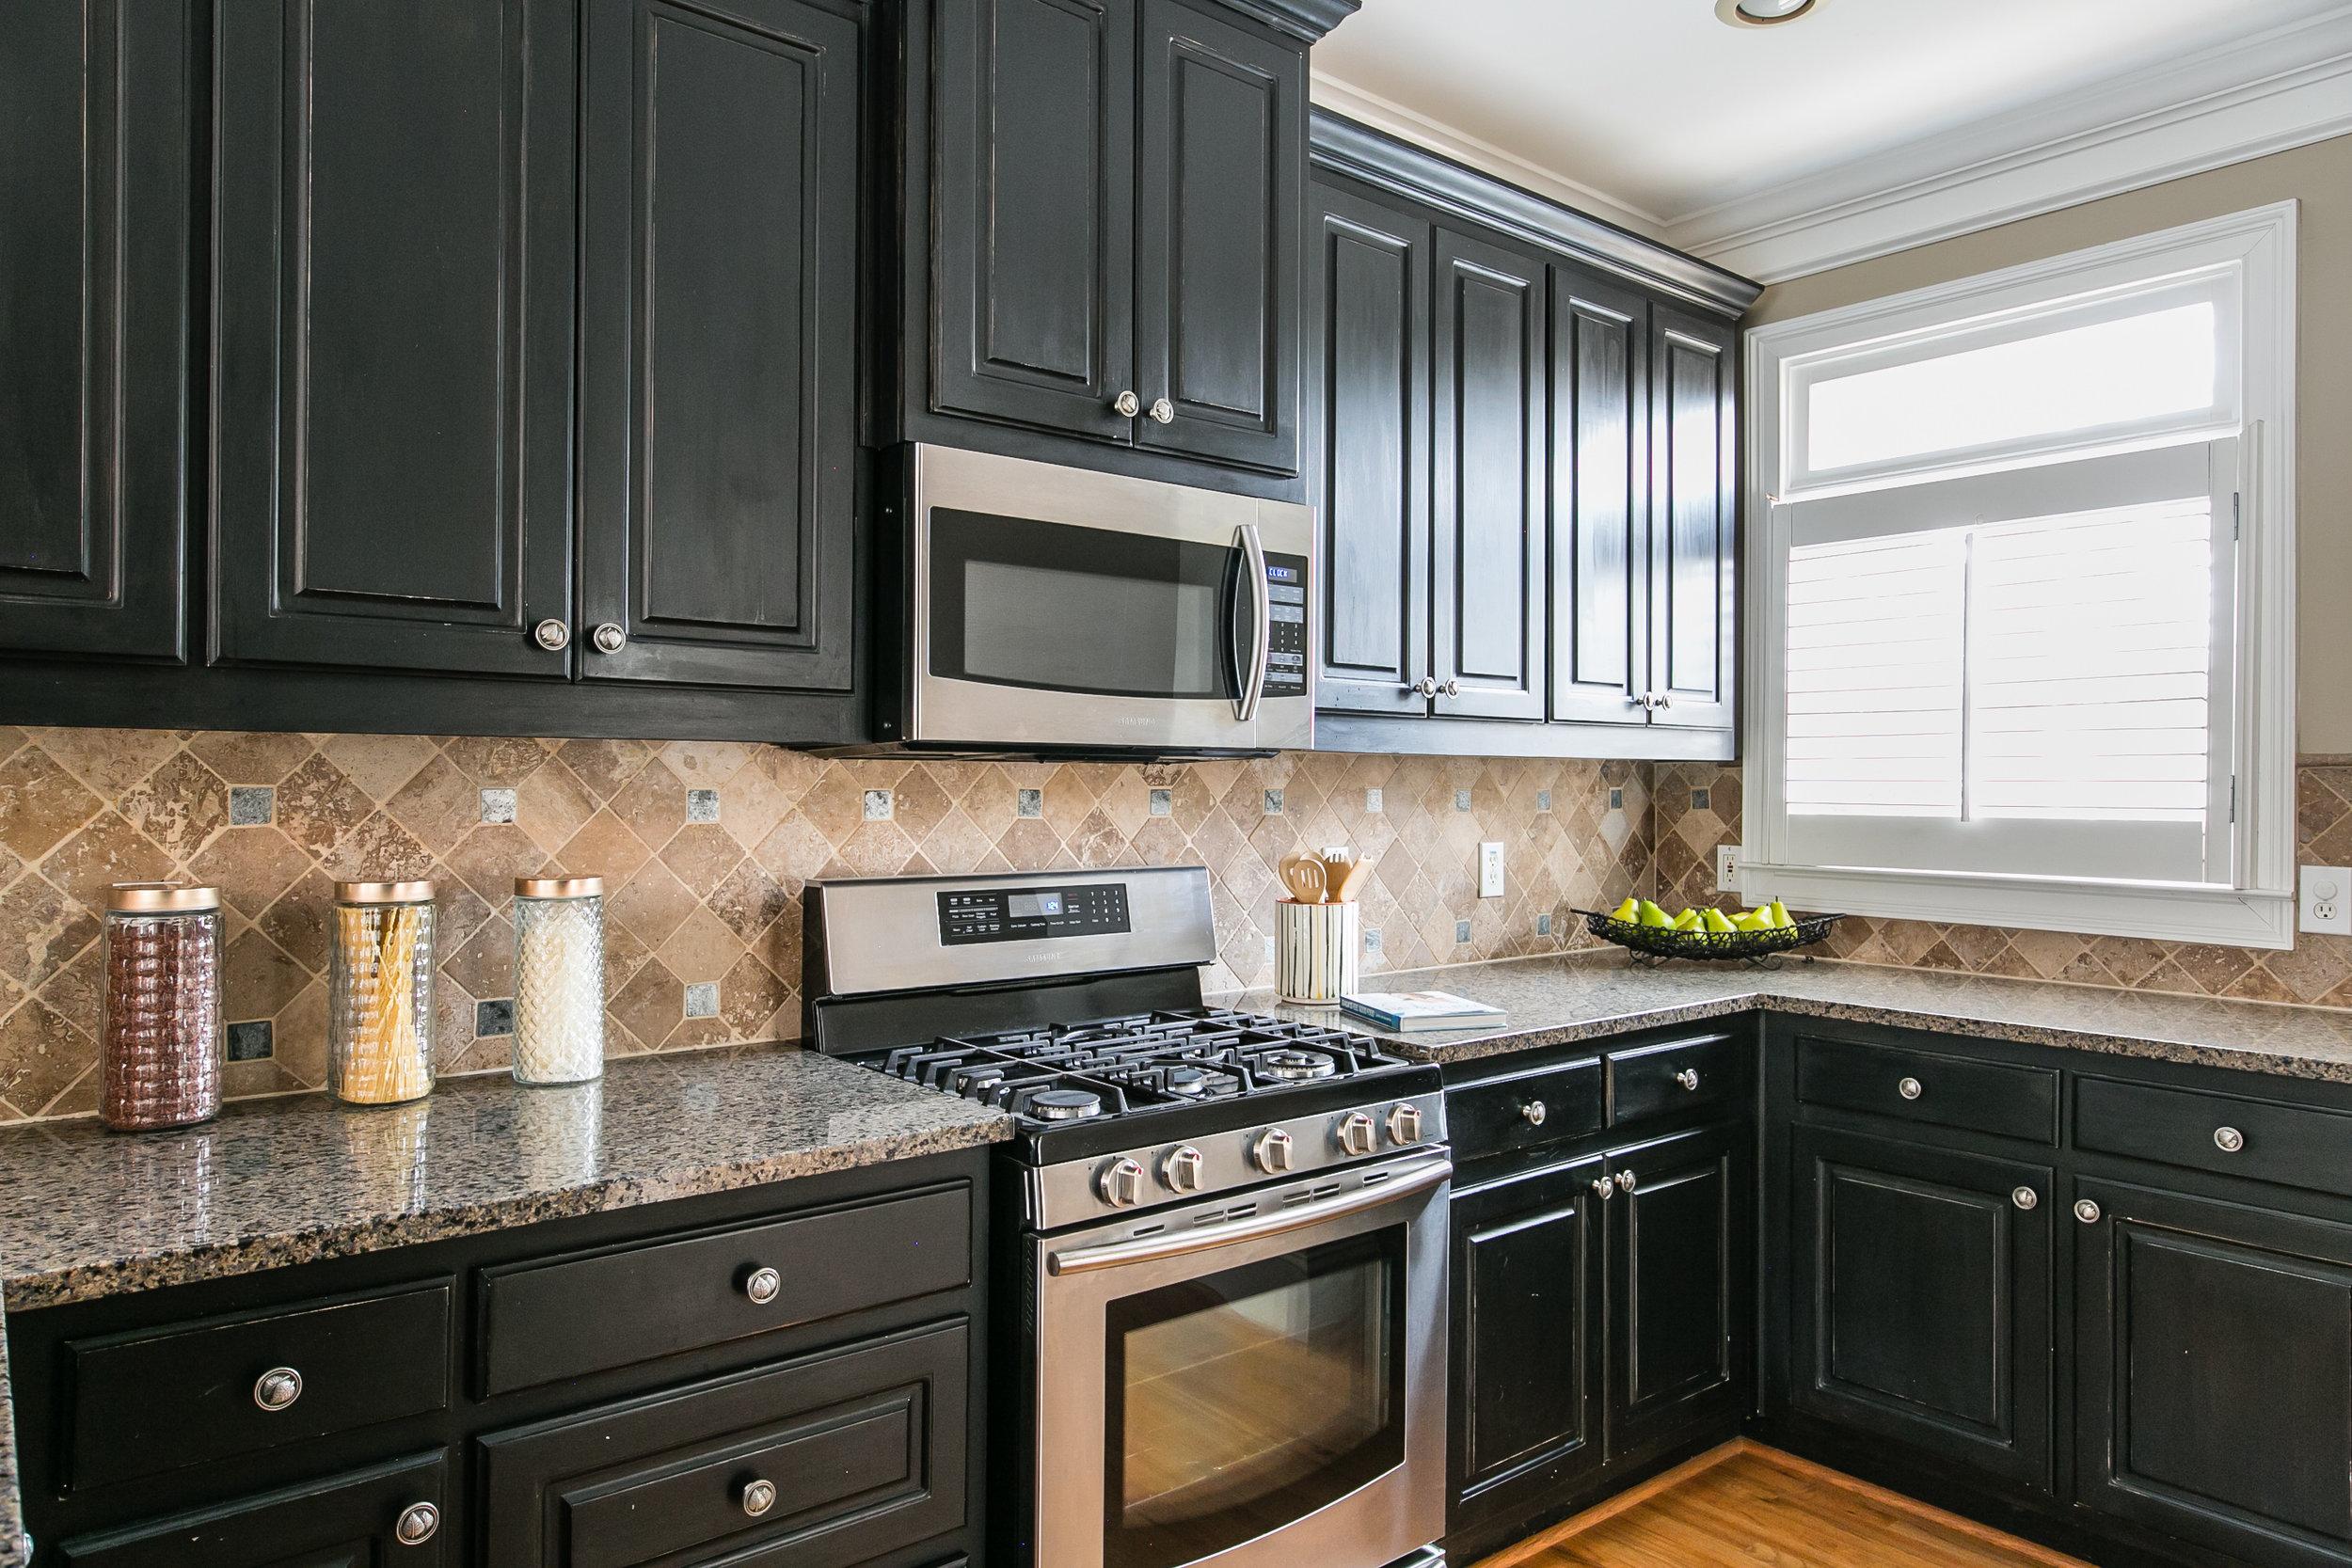 2456 Piedmont Unit 2-Kitchen Detail.jpg